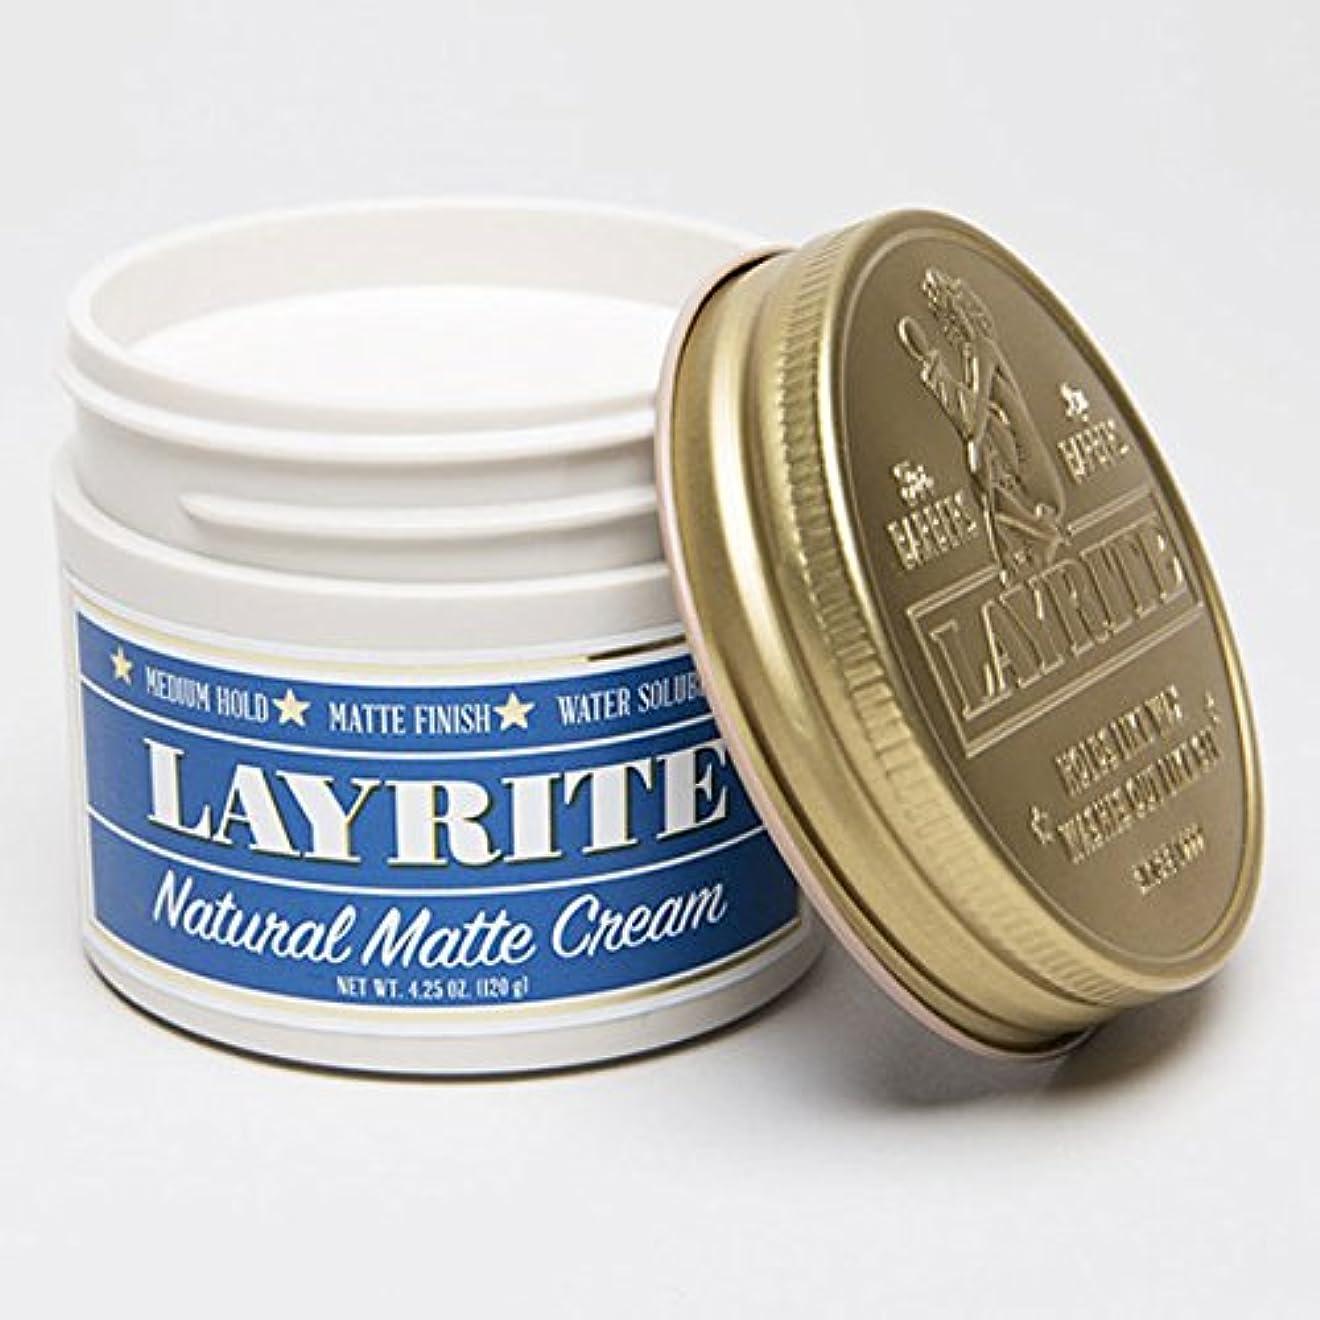 除外するマウスピースレンダーLAYRITE レイライト 【Natural Matte Cream Pomade】 水性ポマード ミディアムホールド 4.25OZ(約120G)